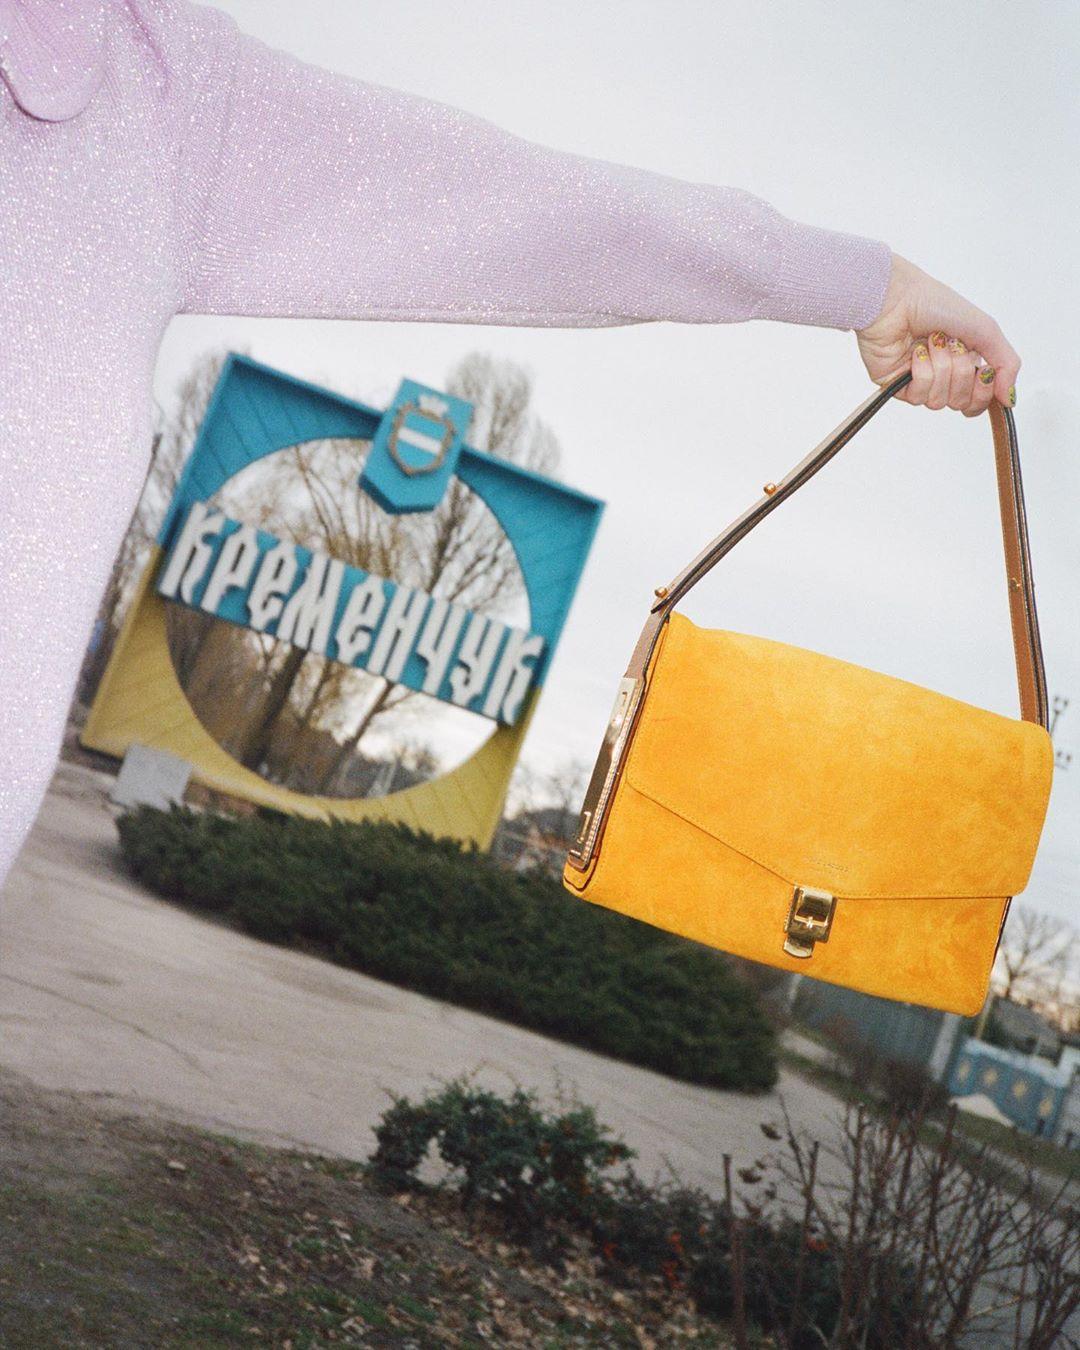 Кременчук з'явився у рекламній кампанії американського бренду